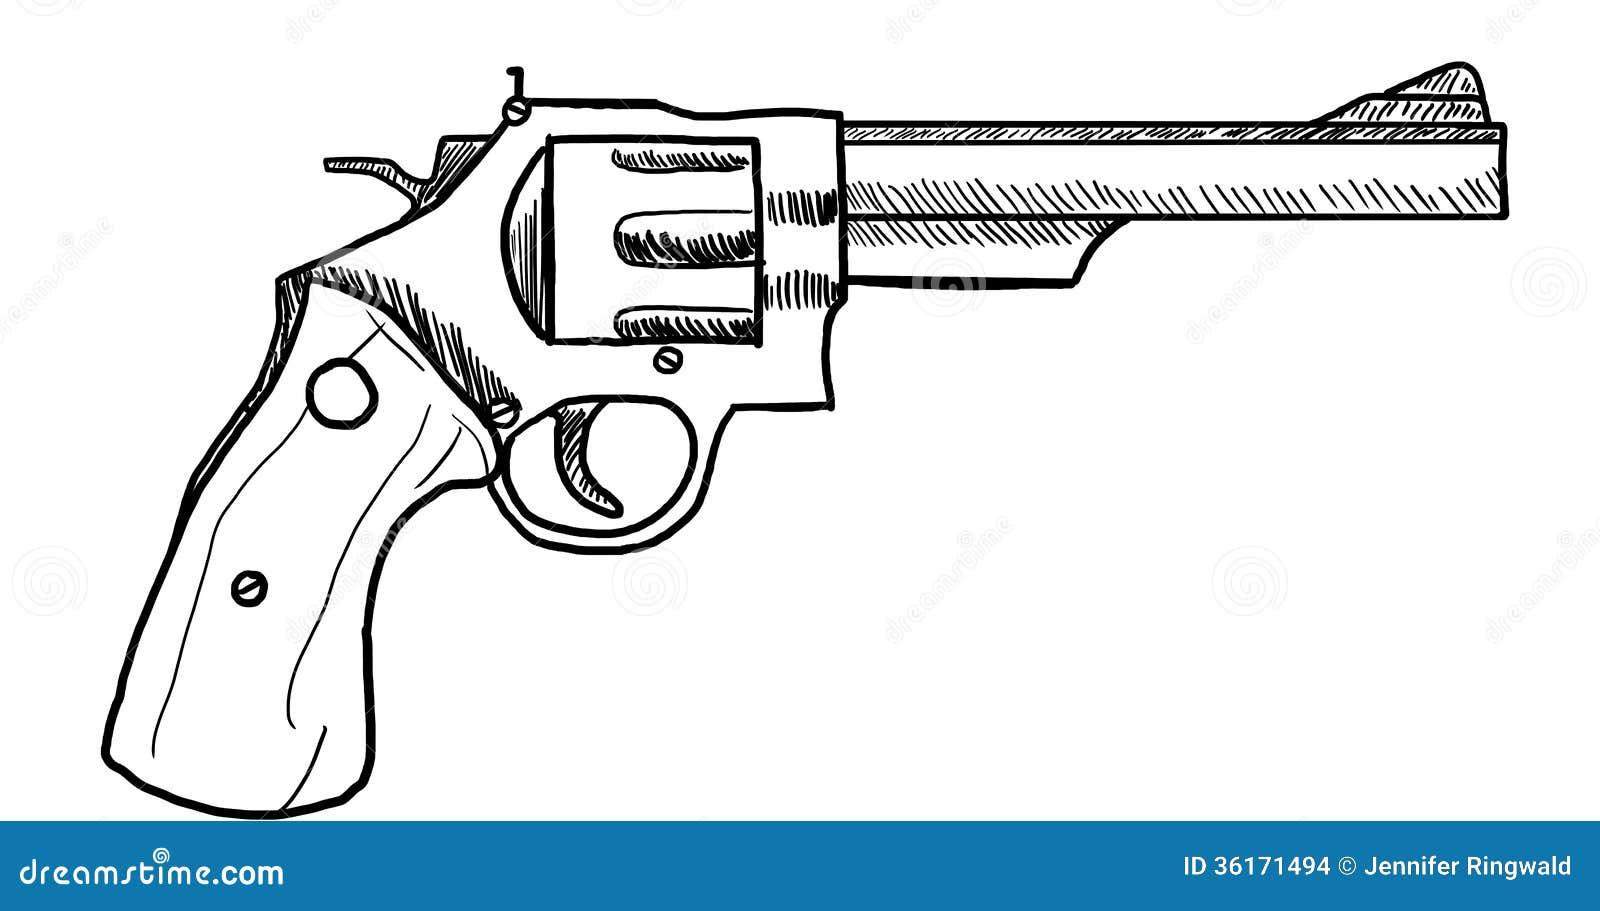 Рисунок револьвера карандашом